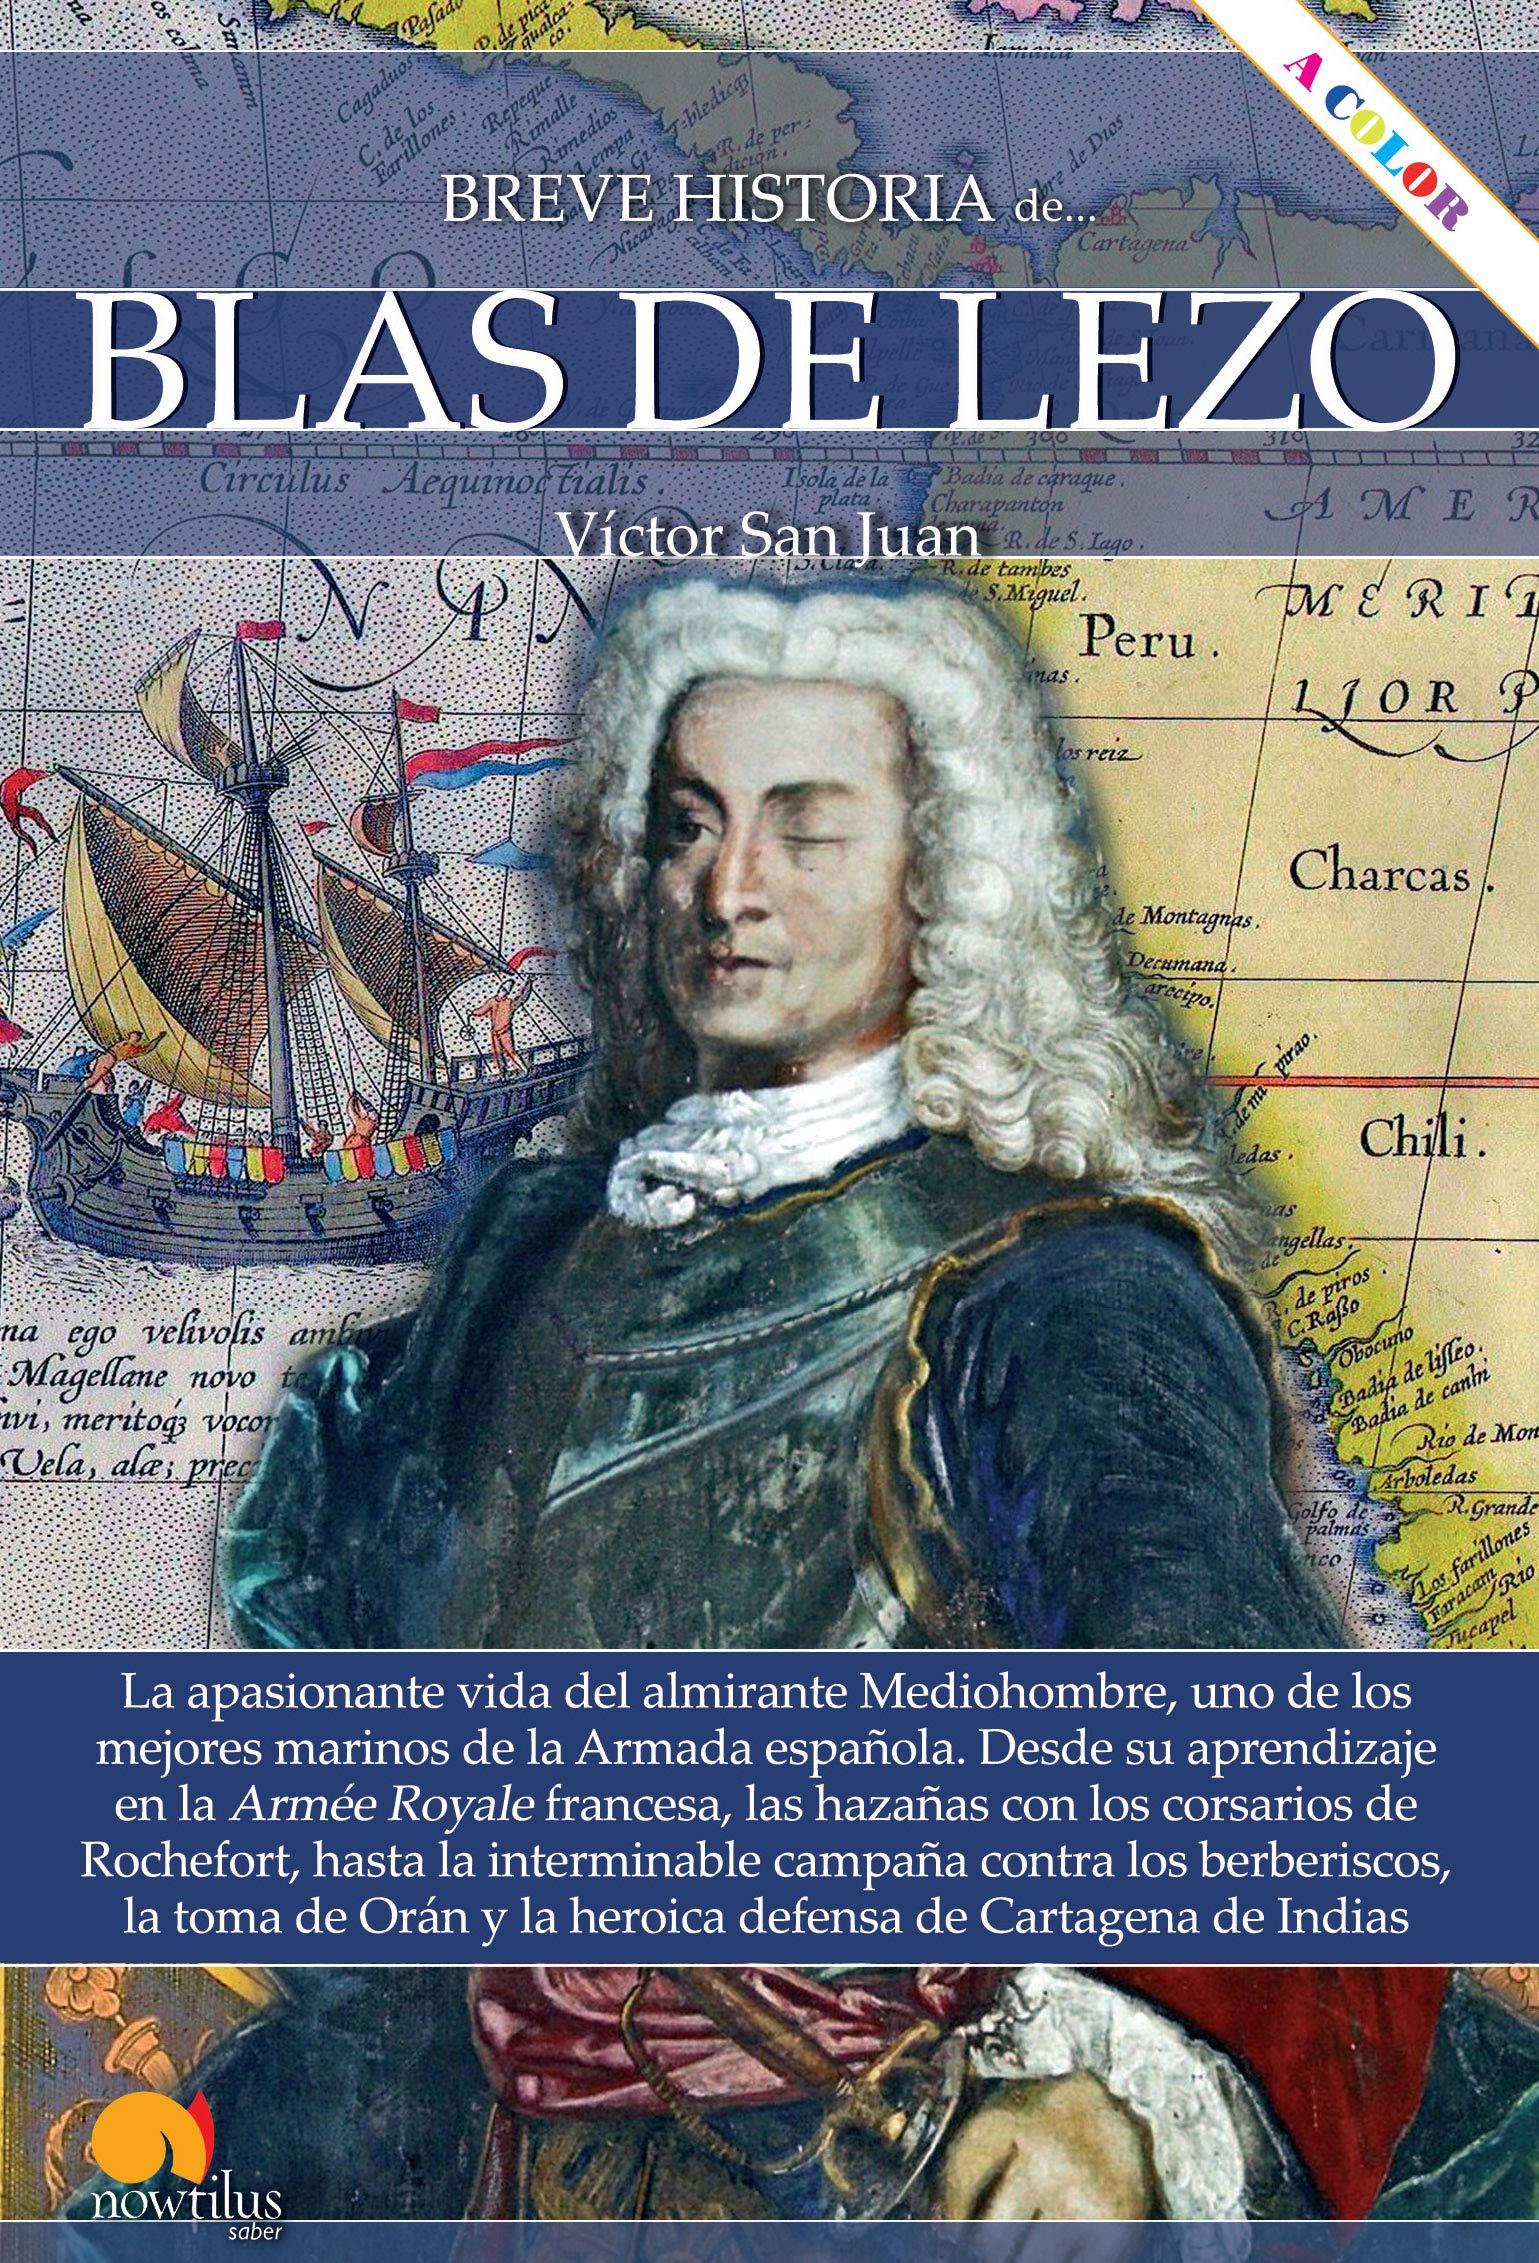 Breve Historia De Blas De Lezo (Ediciones Nowtilus): Amazon.es: San Juan Sánchez, Víctor: Libros